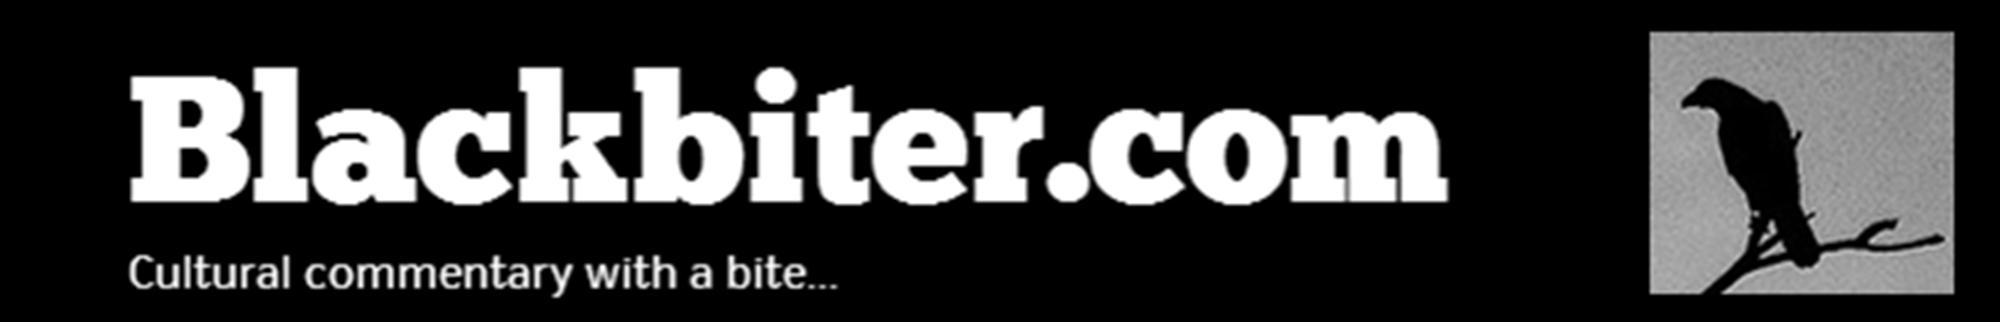 Blackbiter.com